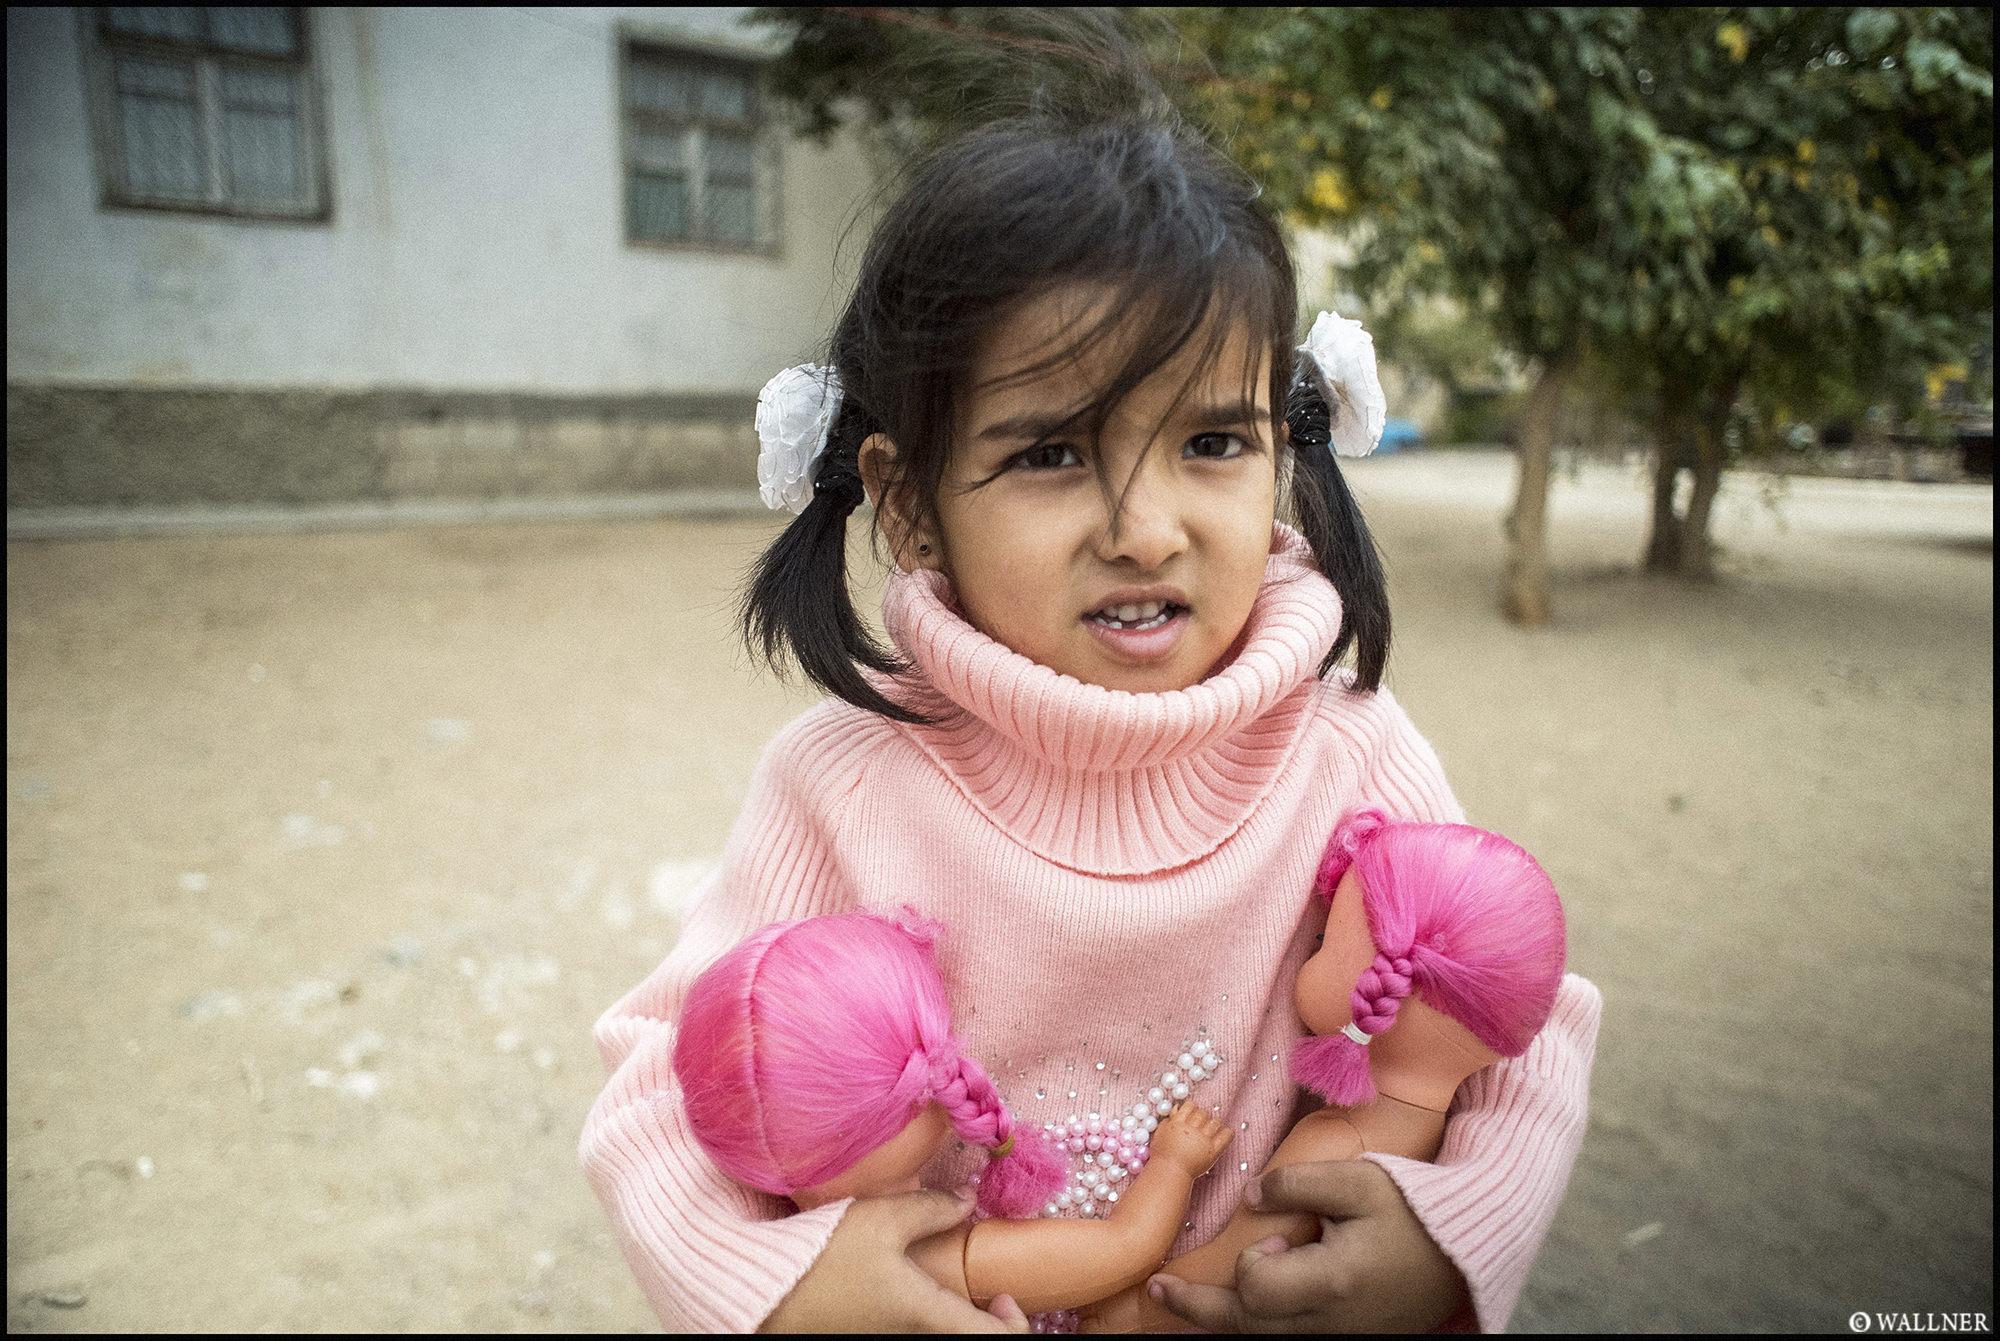 Digital Patrik Wallner Turkmenbashi Pink Hair Dolls LOWQ 2000P